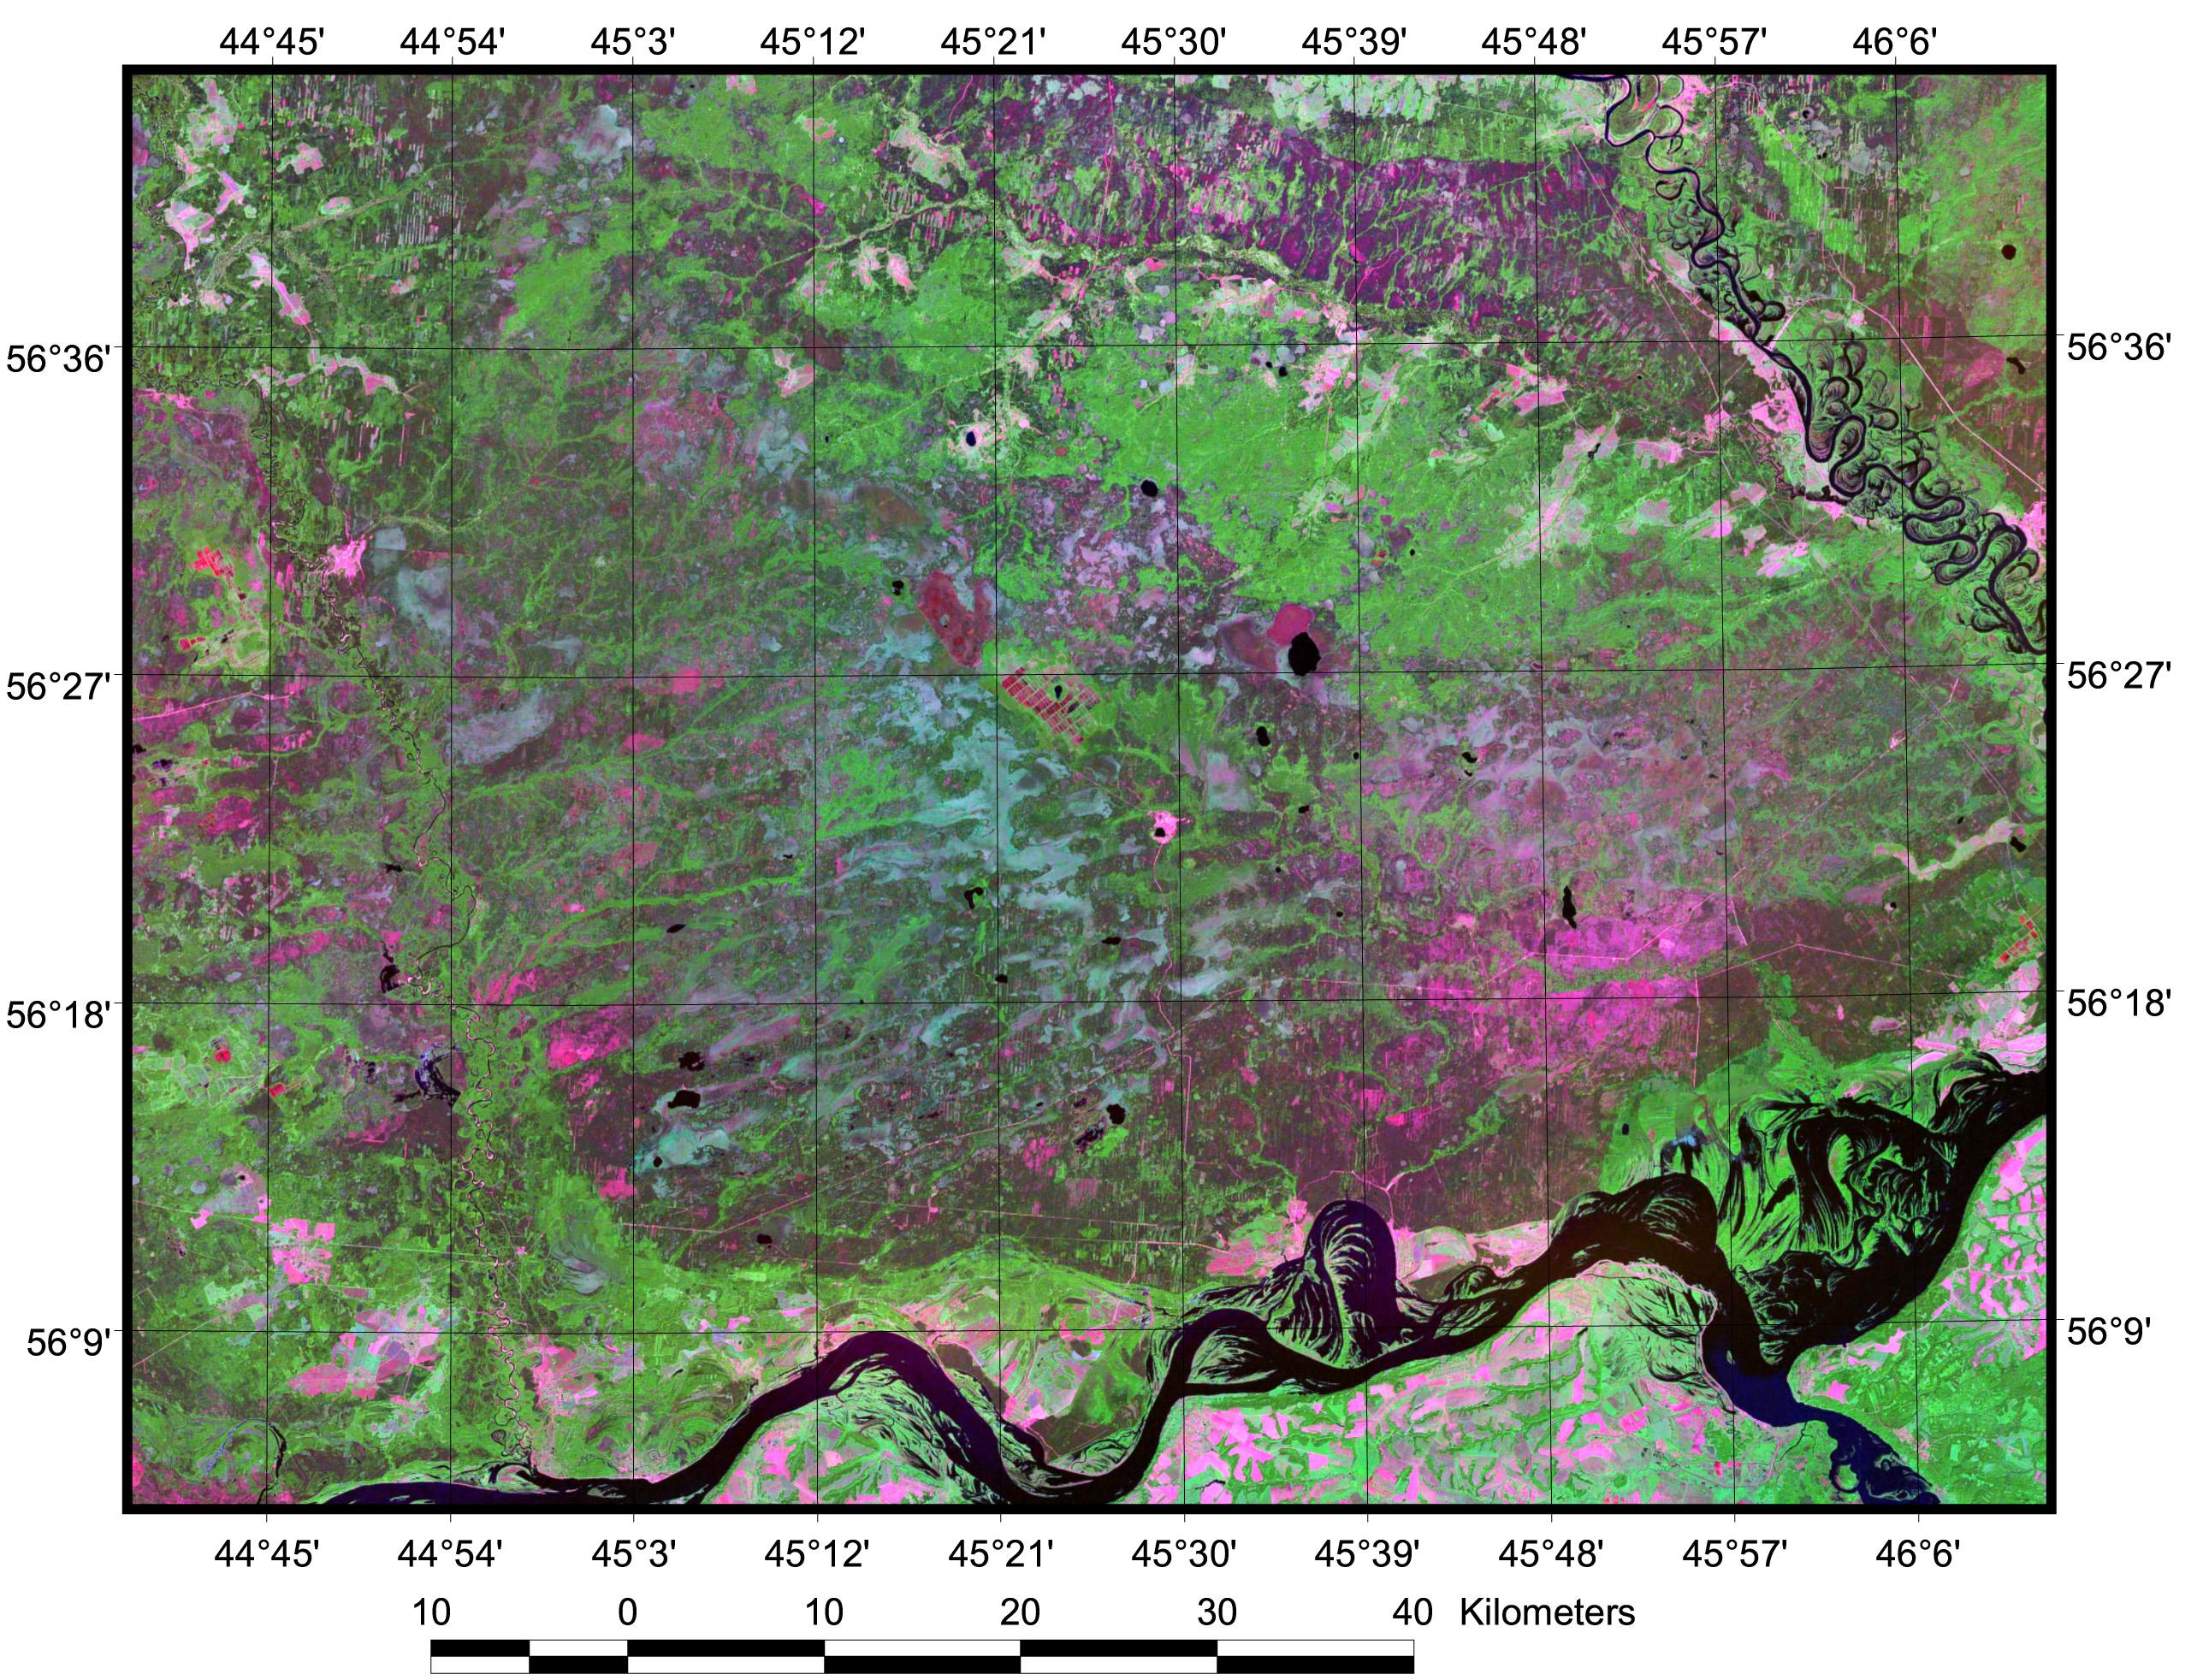 Рис. 433. Камско-Бакалдинские болота на мозаике космоснимков Landsat ETM+ 2000 г